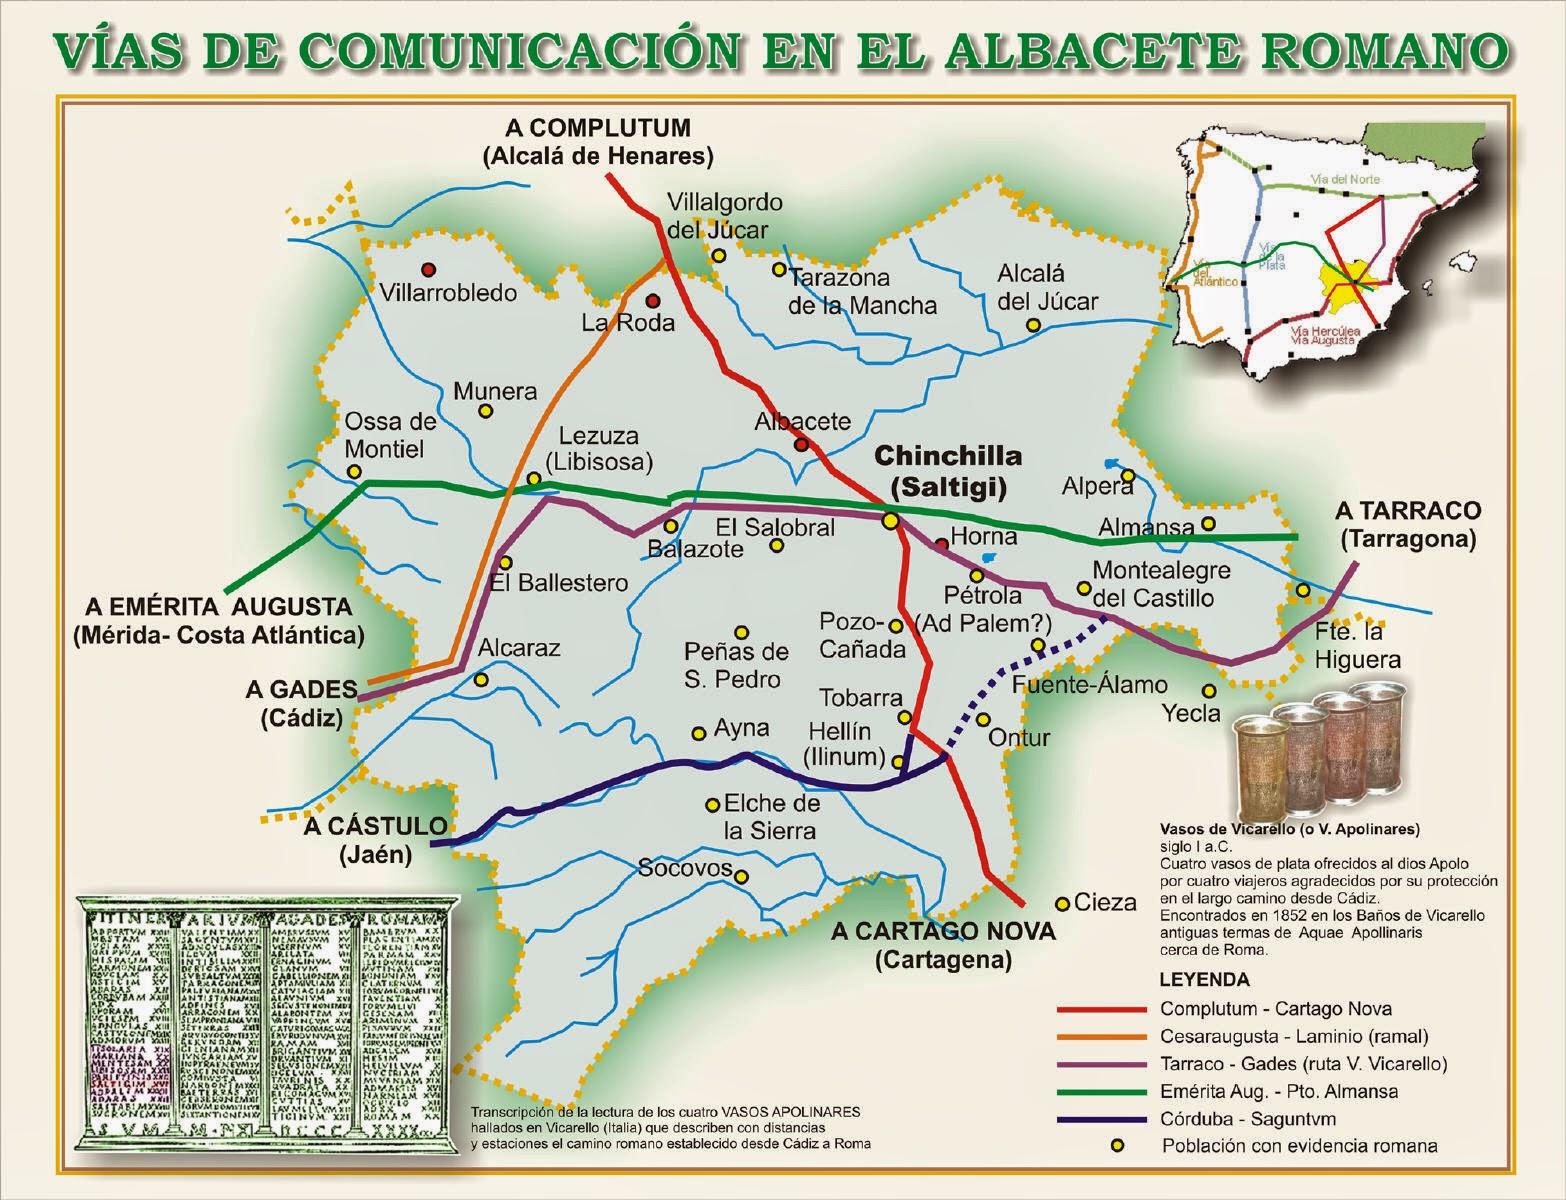 Descubriendo las v as romanas en albacete complutum - Plano de almansa ...